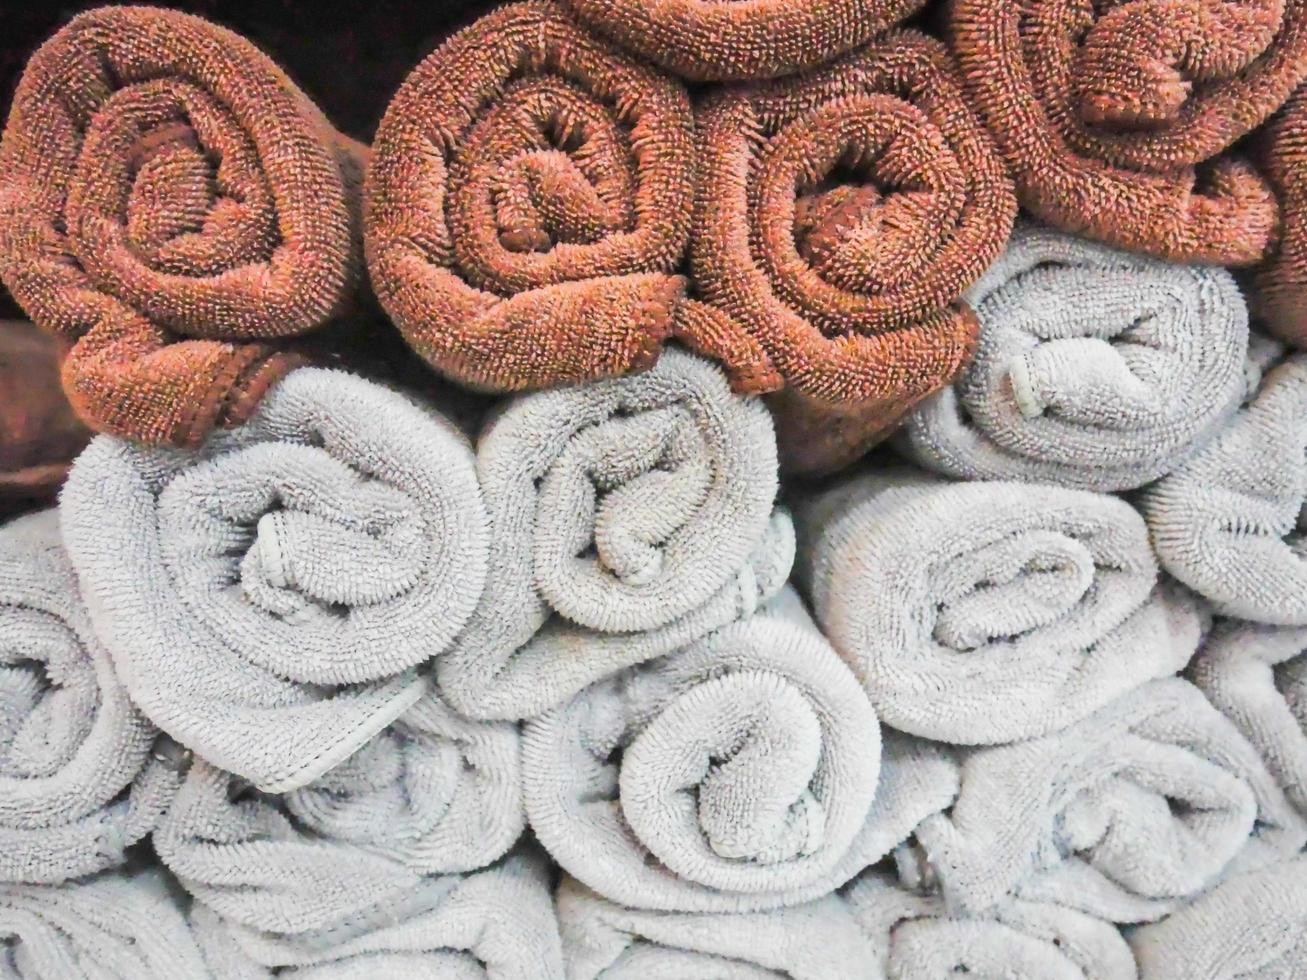 toallas spa, toallas rollos apilados. textura de fondo foto